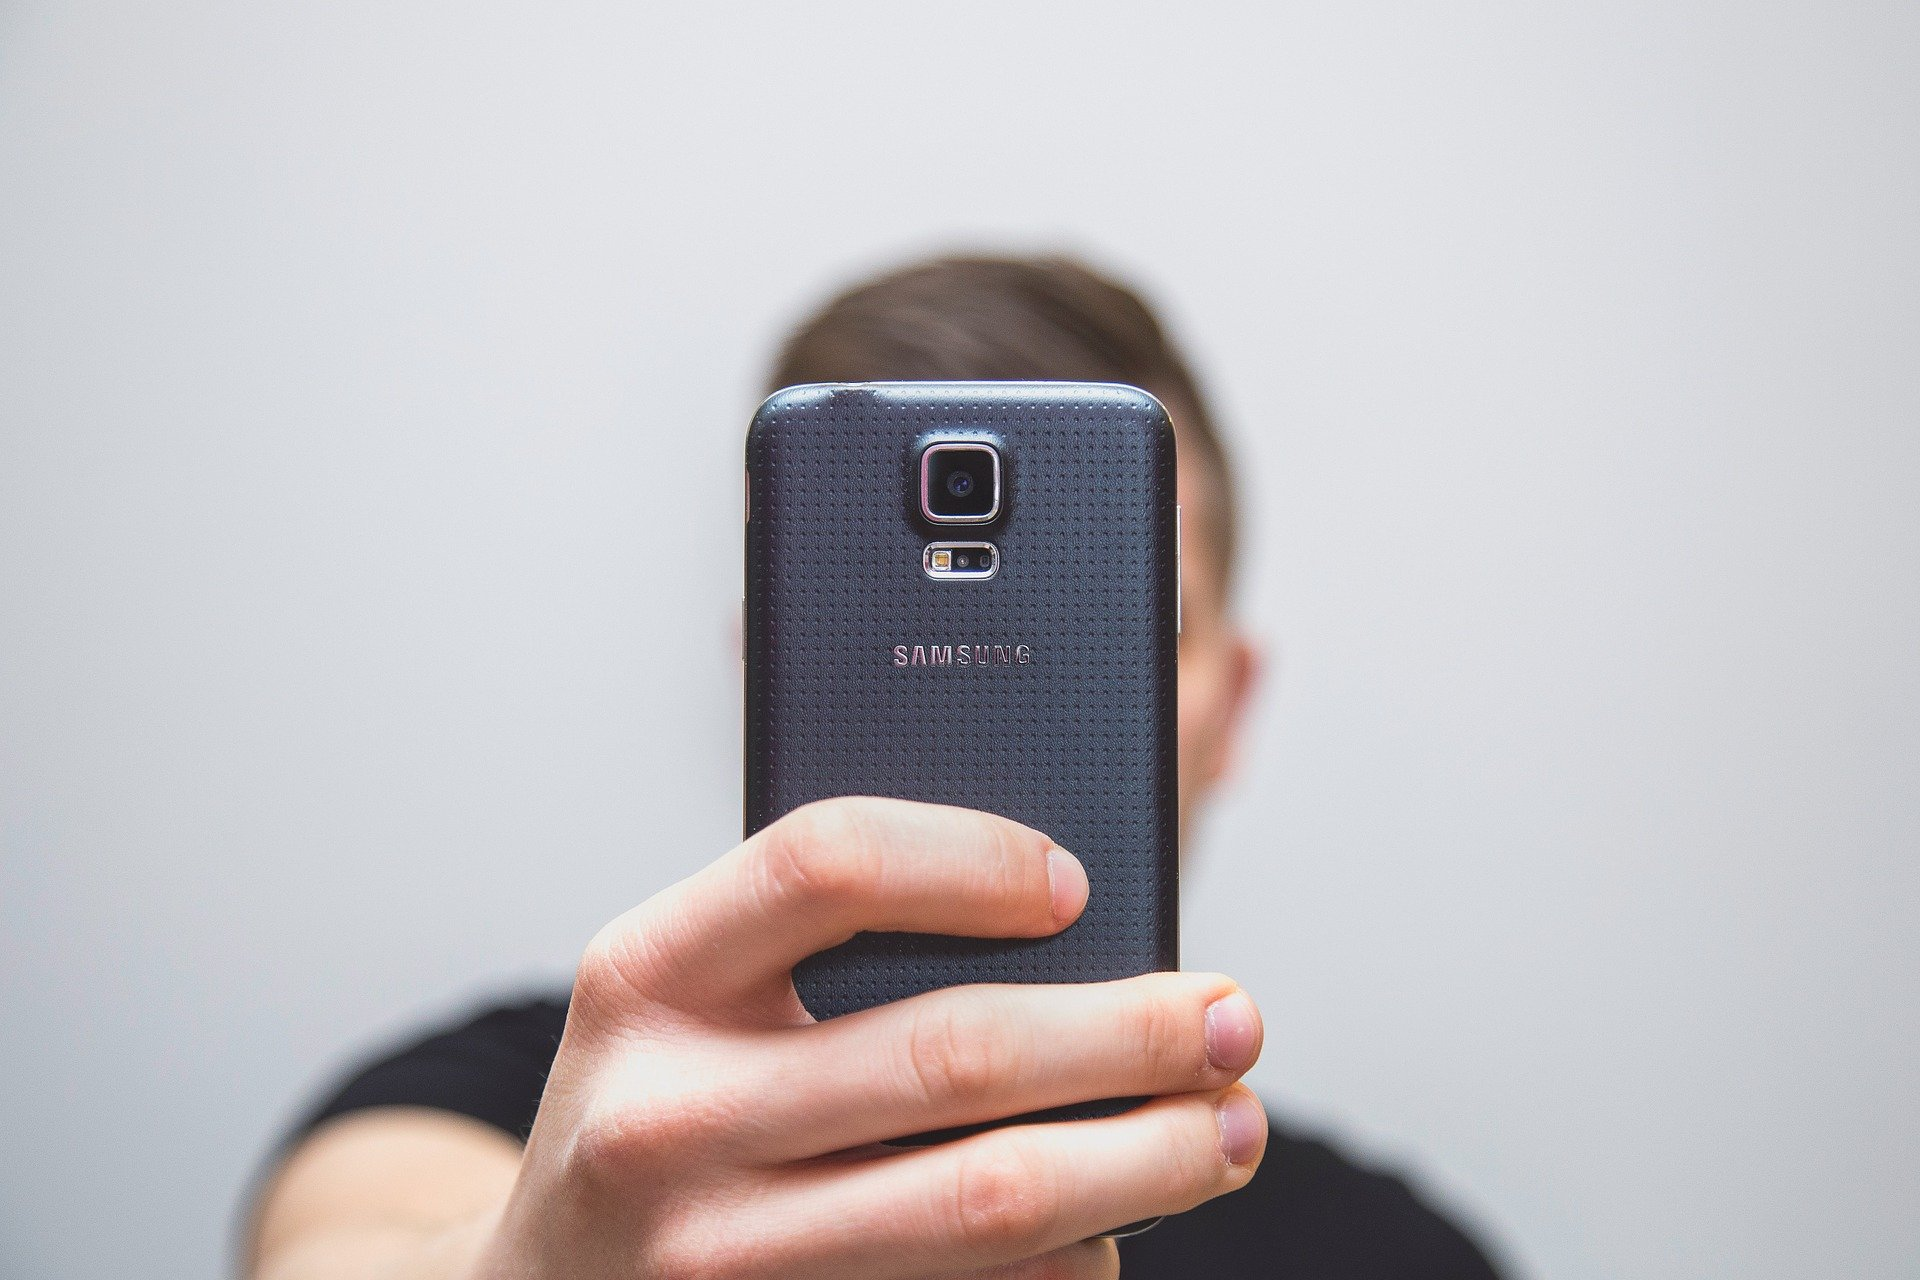 Suplantación con un selfie y Deep Learning